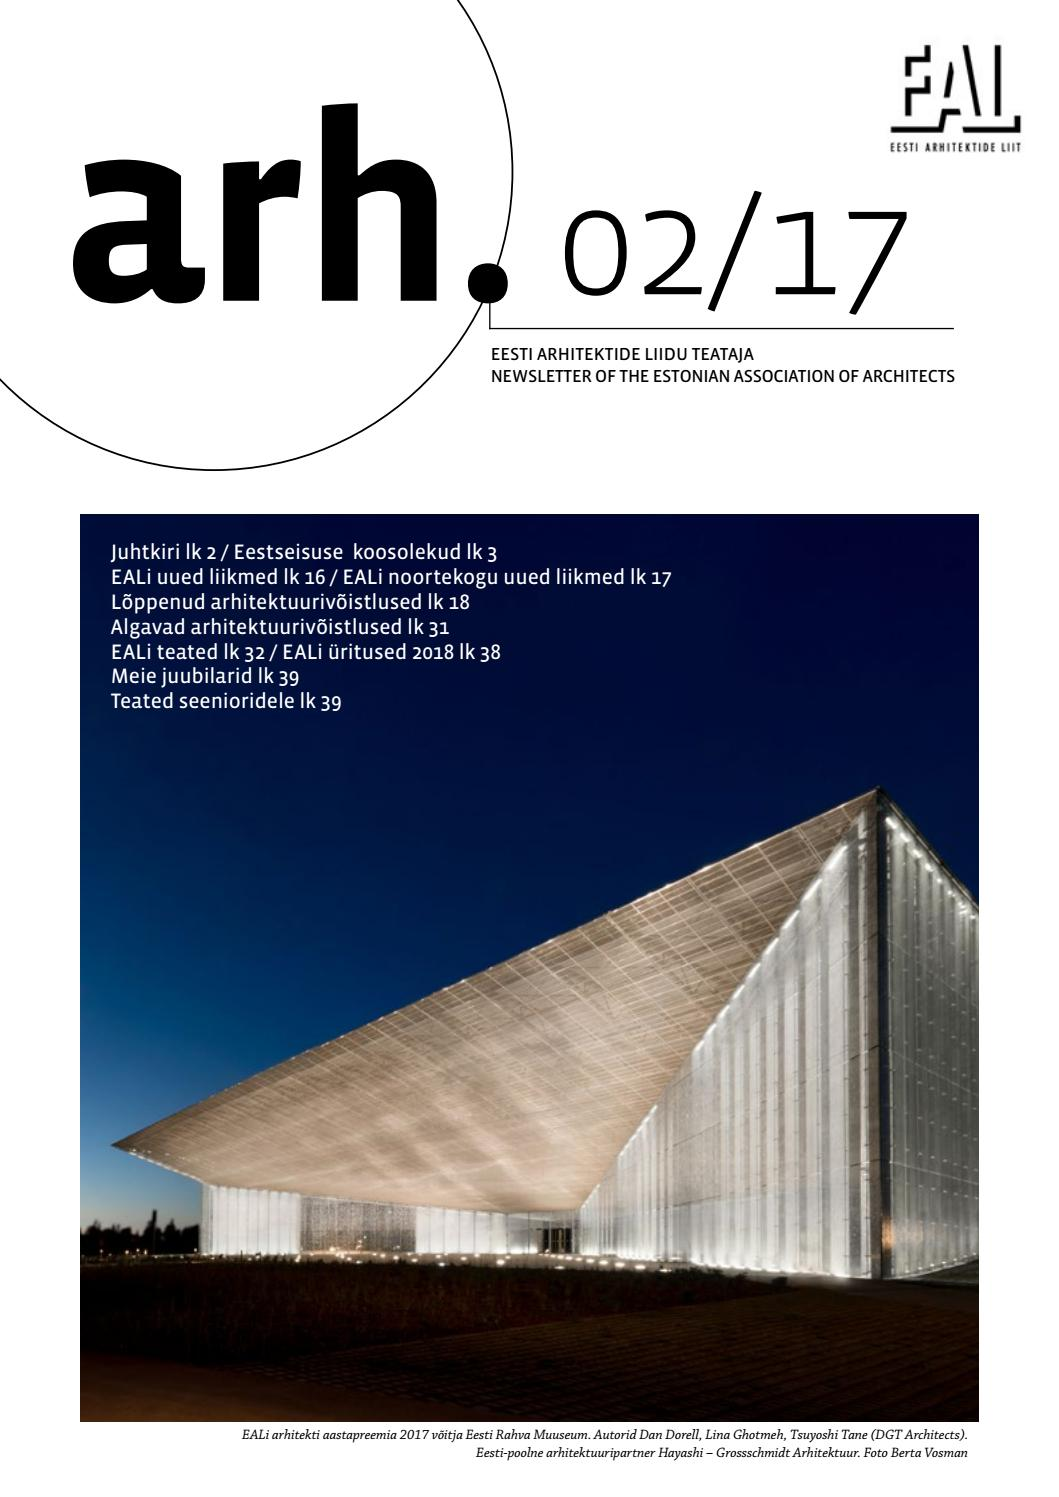 27a3fda7fbb Eesti Arhitektide Liidu Teataja 2/17 by Eesti Arhitektide Liit - issuu